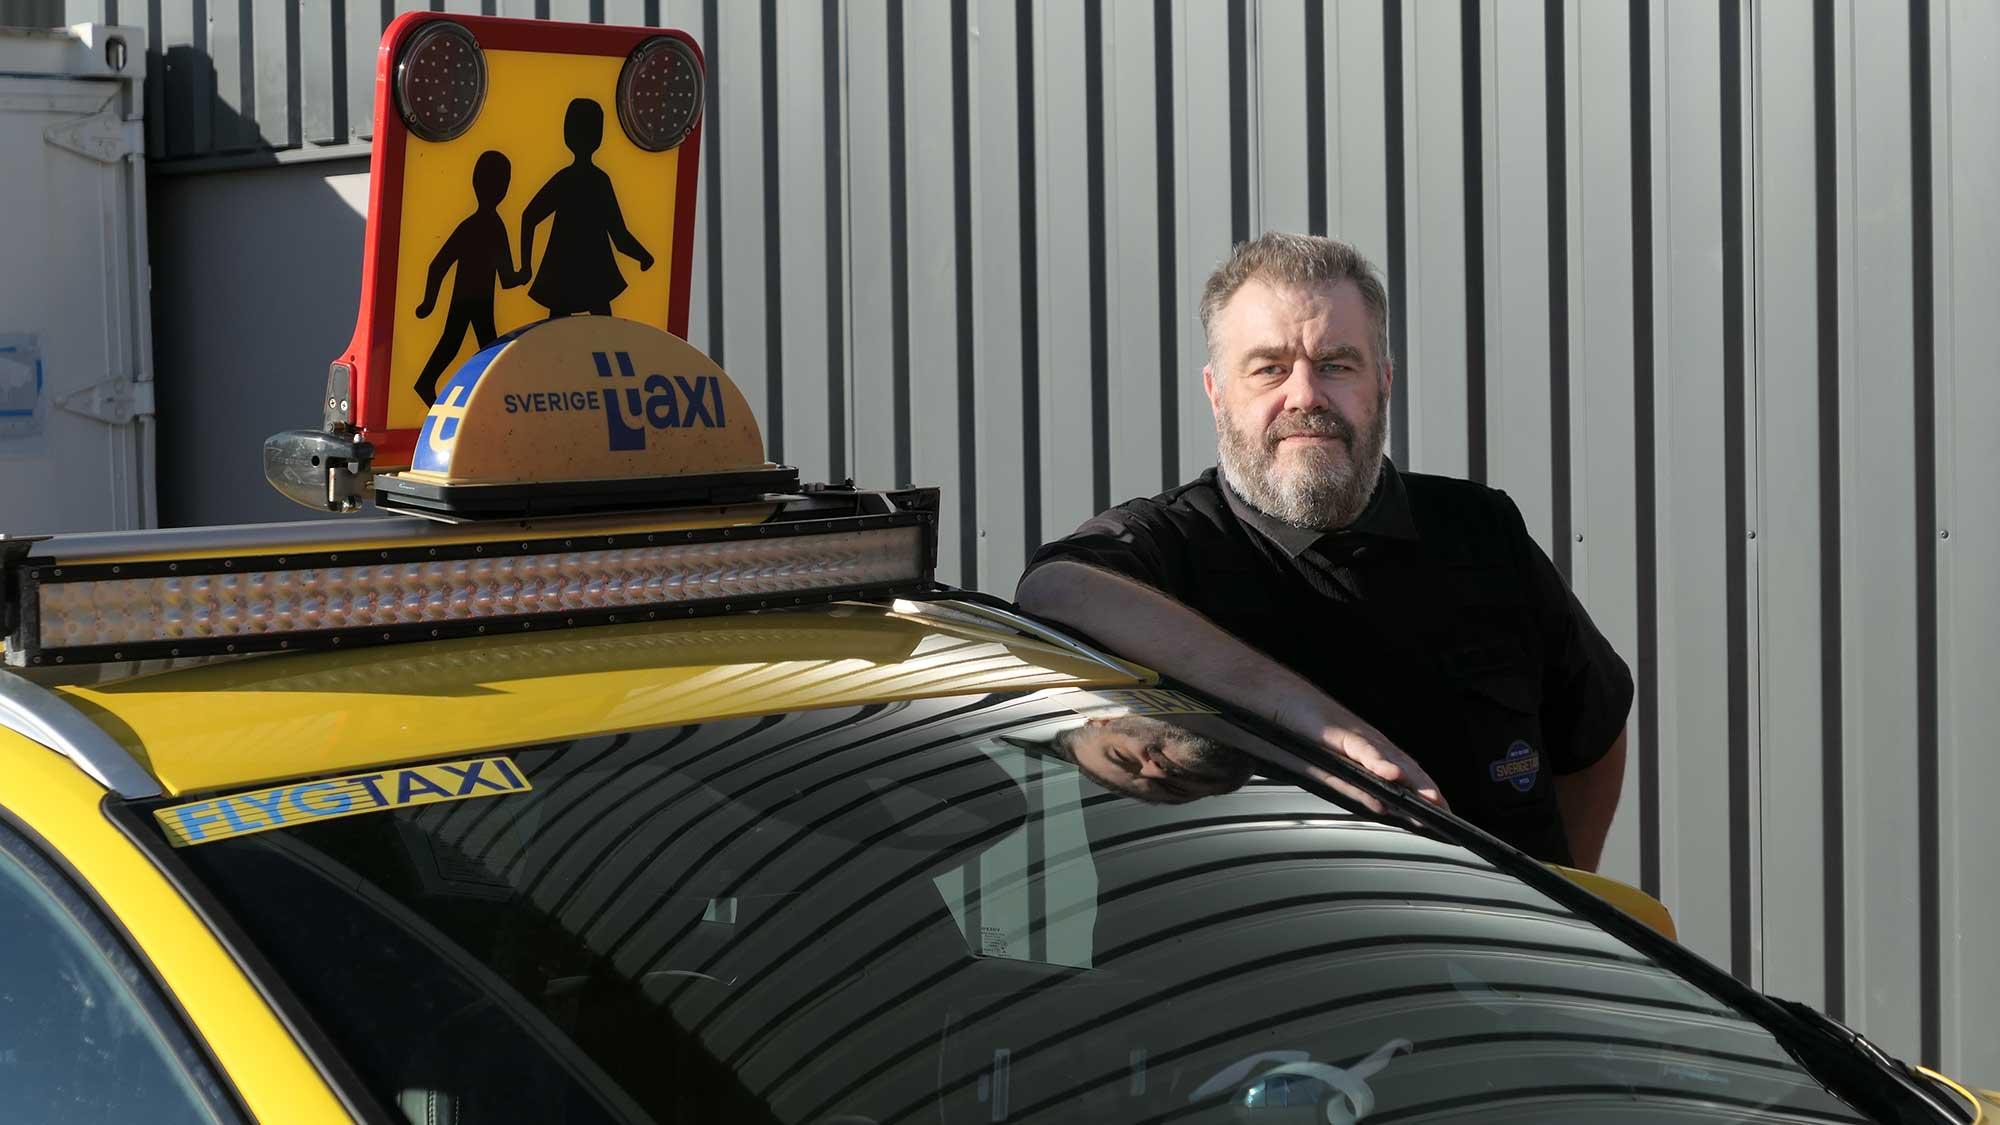 Fredrik Öberg, Pitea Taxi AB Sweden